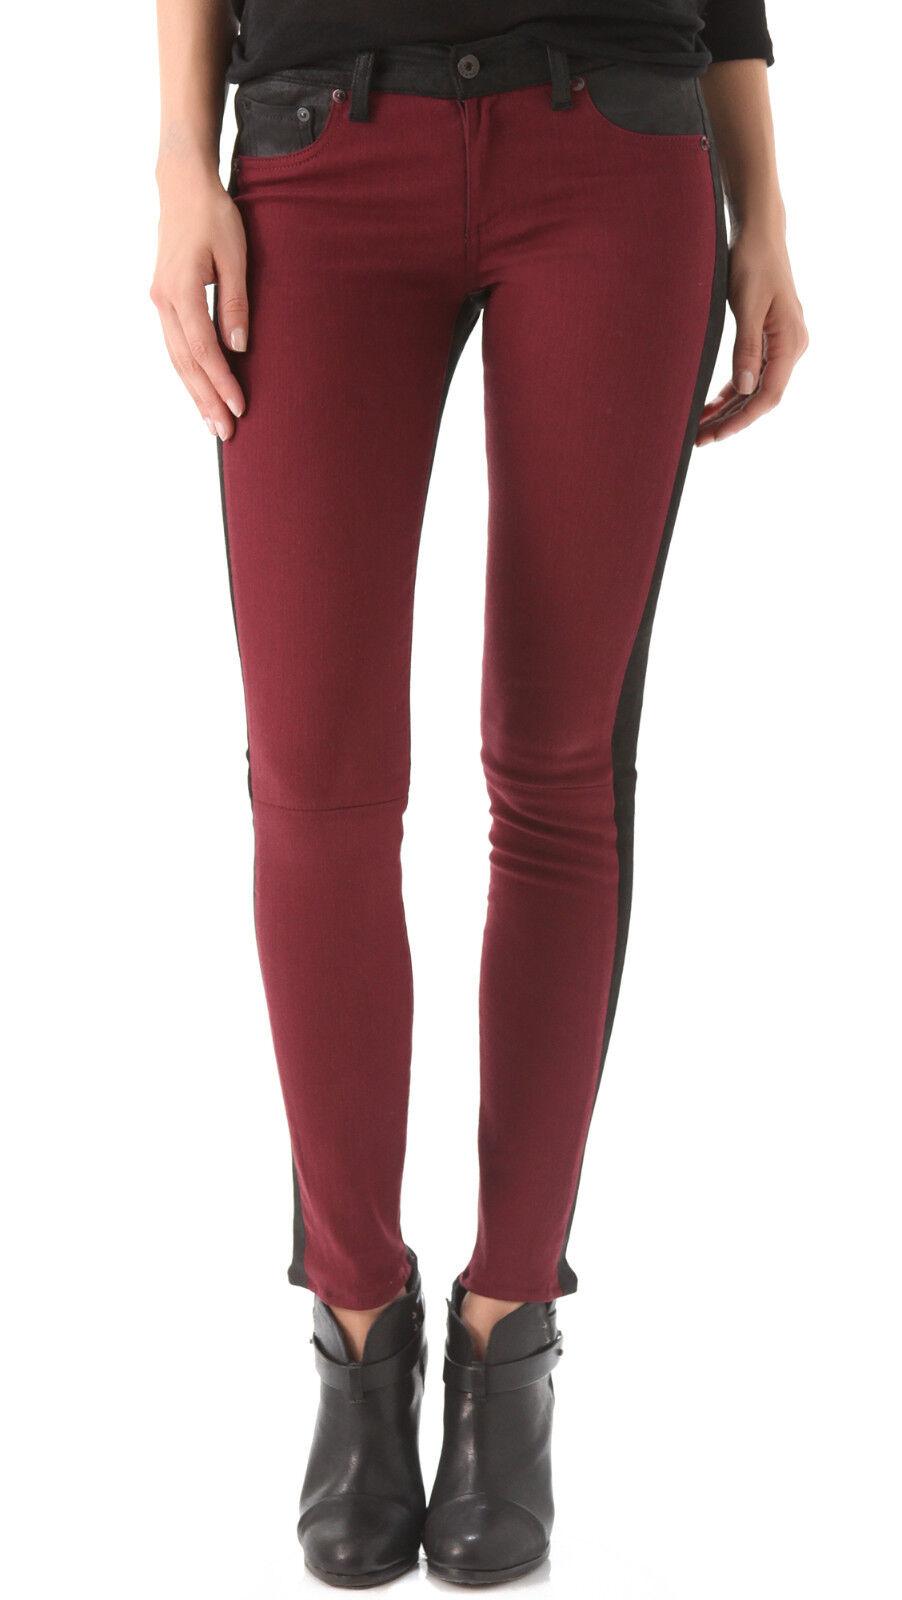 SZ 24 RAG OCH BONE Bourgogne Jekyll läder mocka Trim Legging Jeans Pants NWT  705